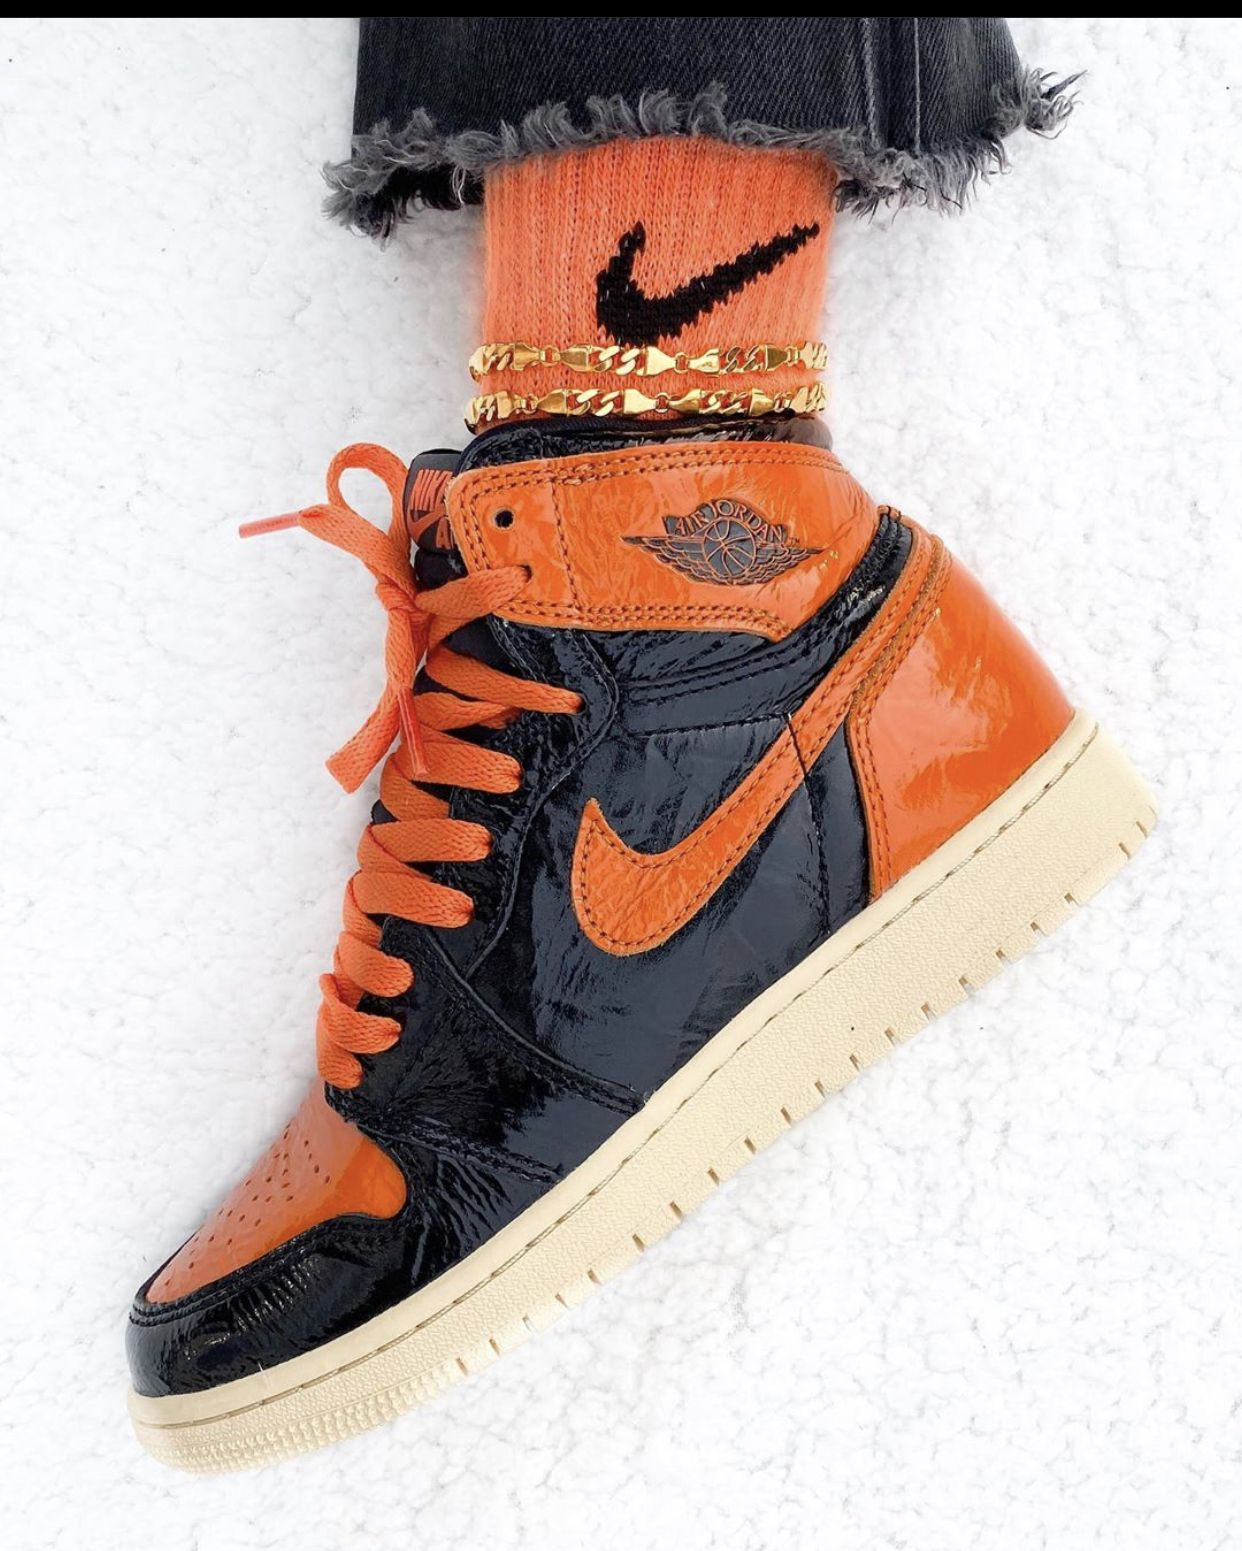 Pin By Sarah Willis On On My Feet Air Jordans Jordan 1 Retro